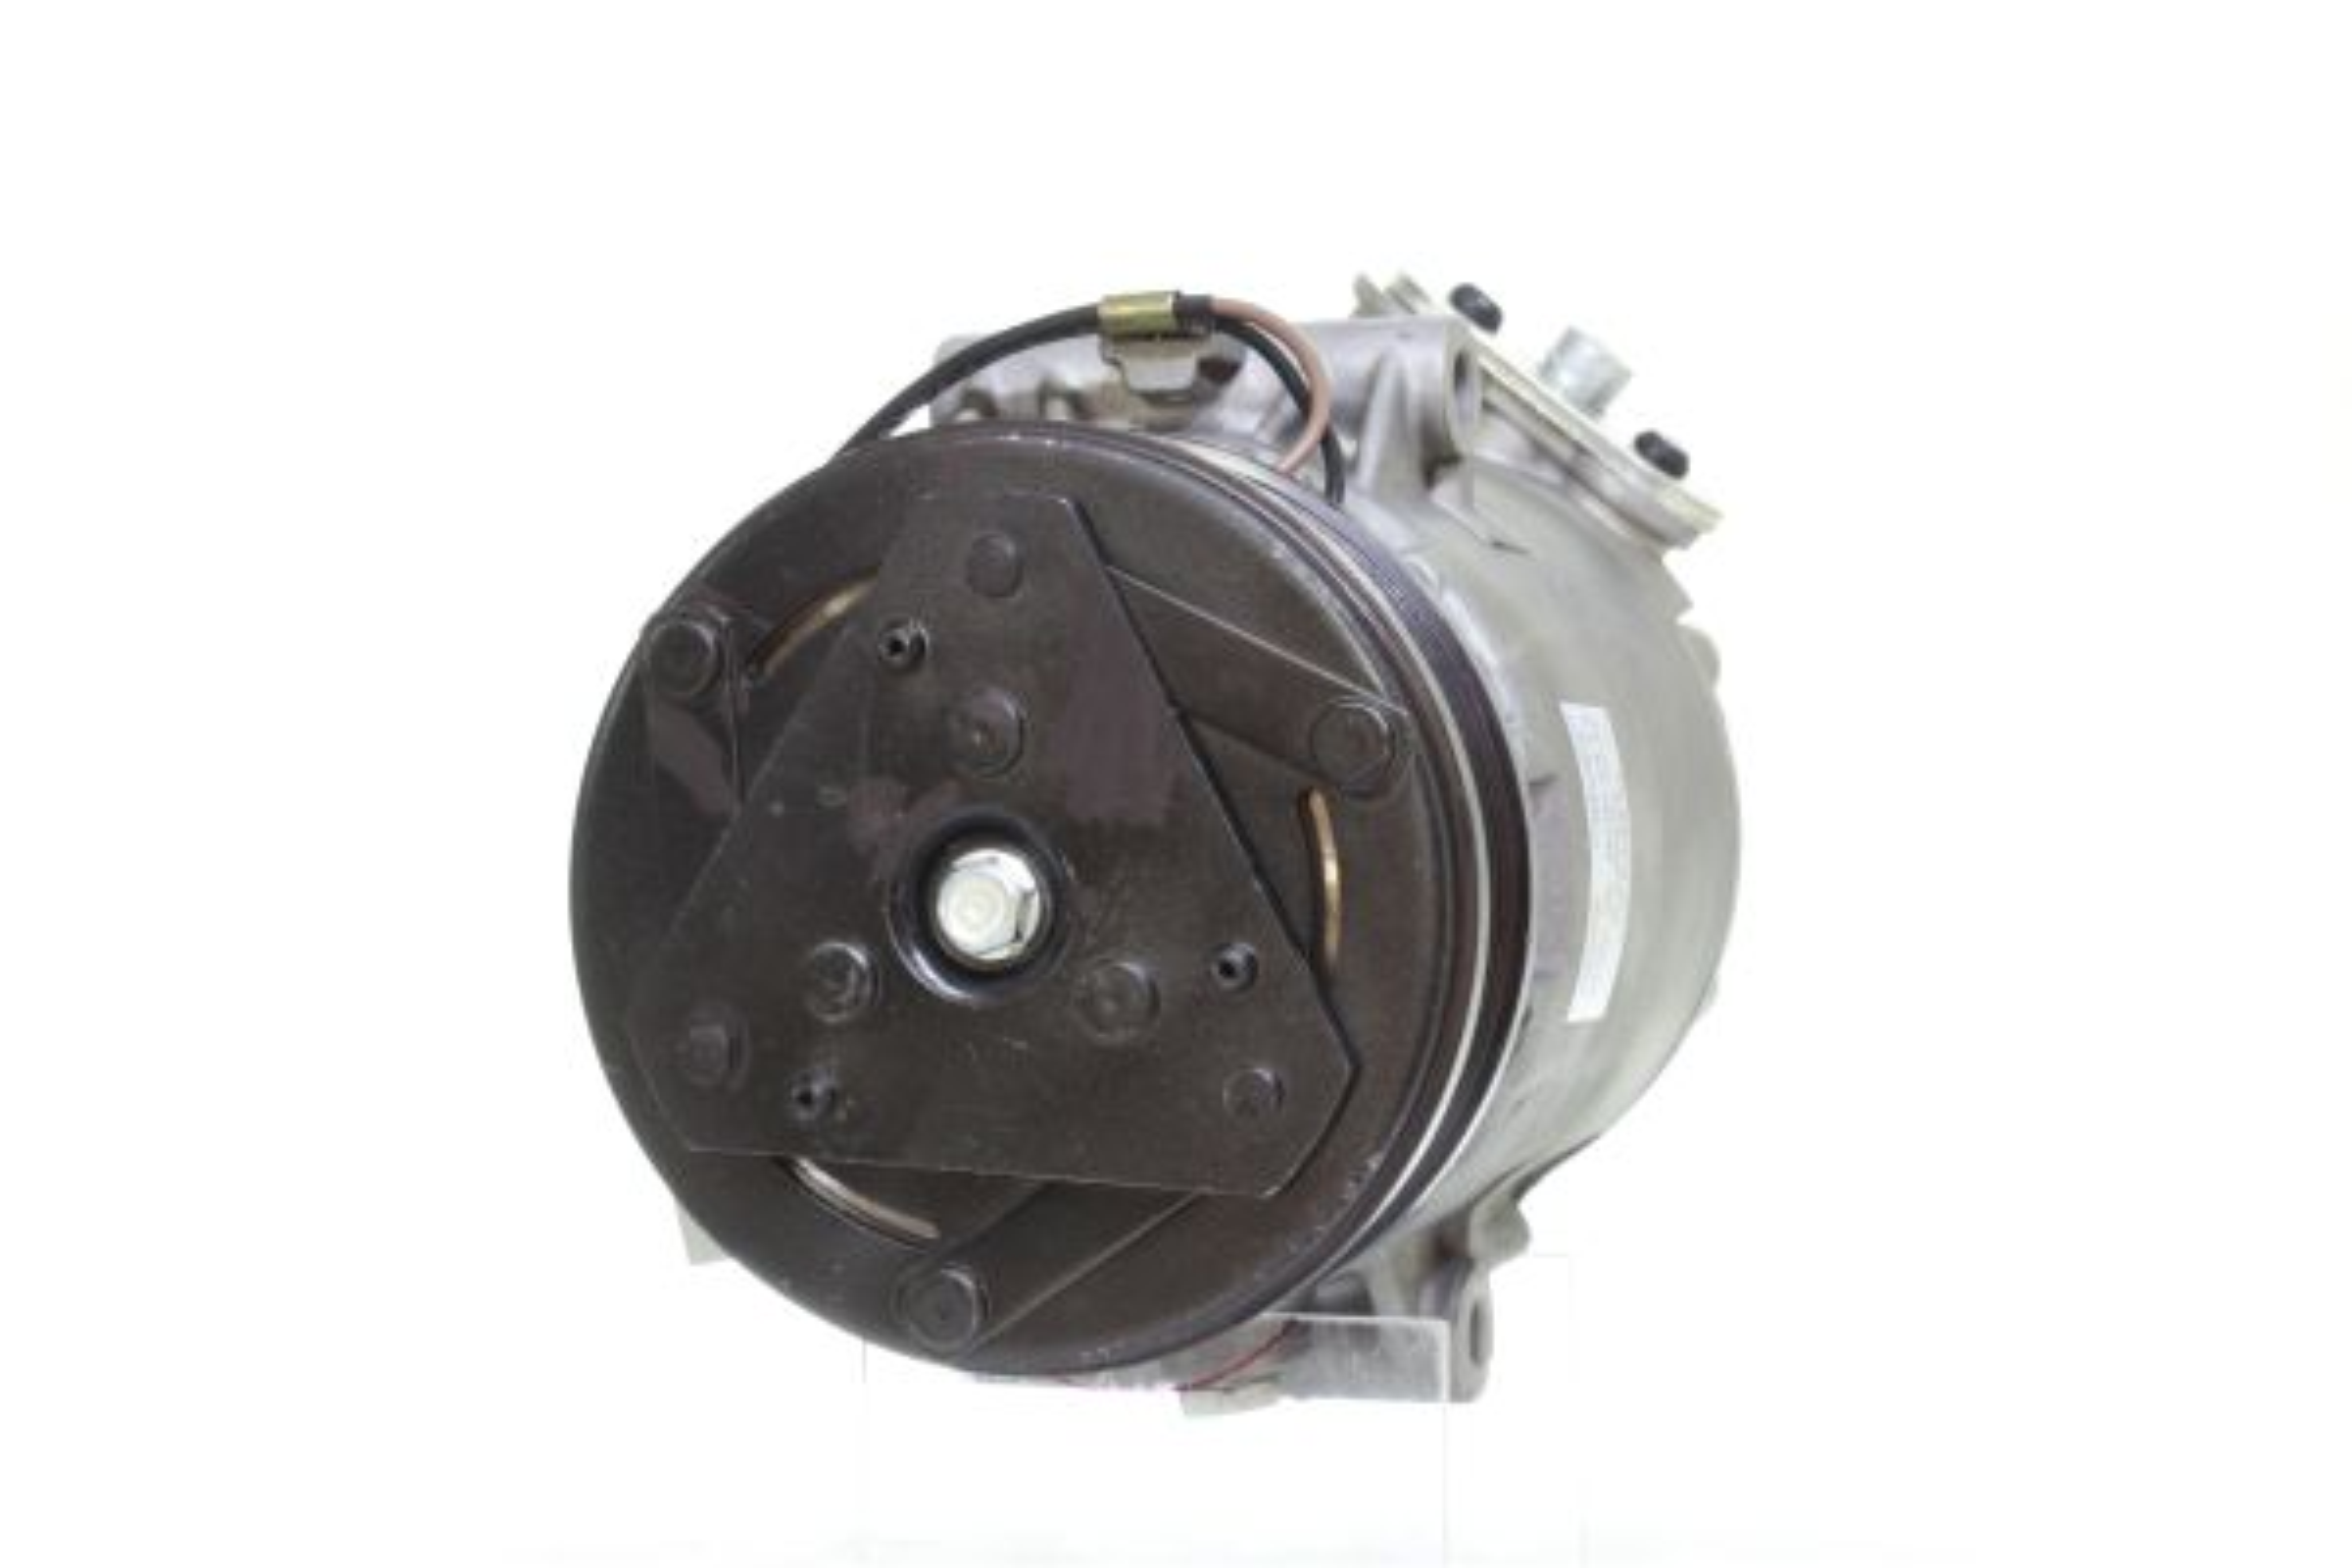 Kompressor Opel Zafira f75 2005 - ALANKO 10550068 (Riemenscheiben-Ø: 105mm)